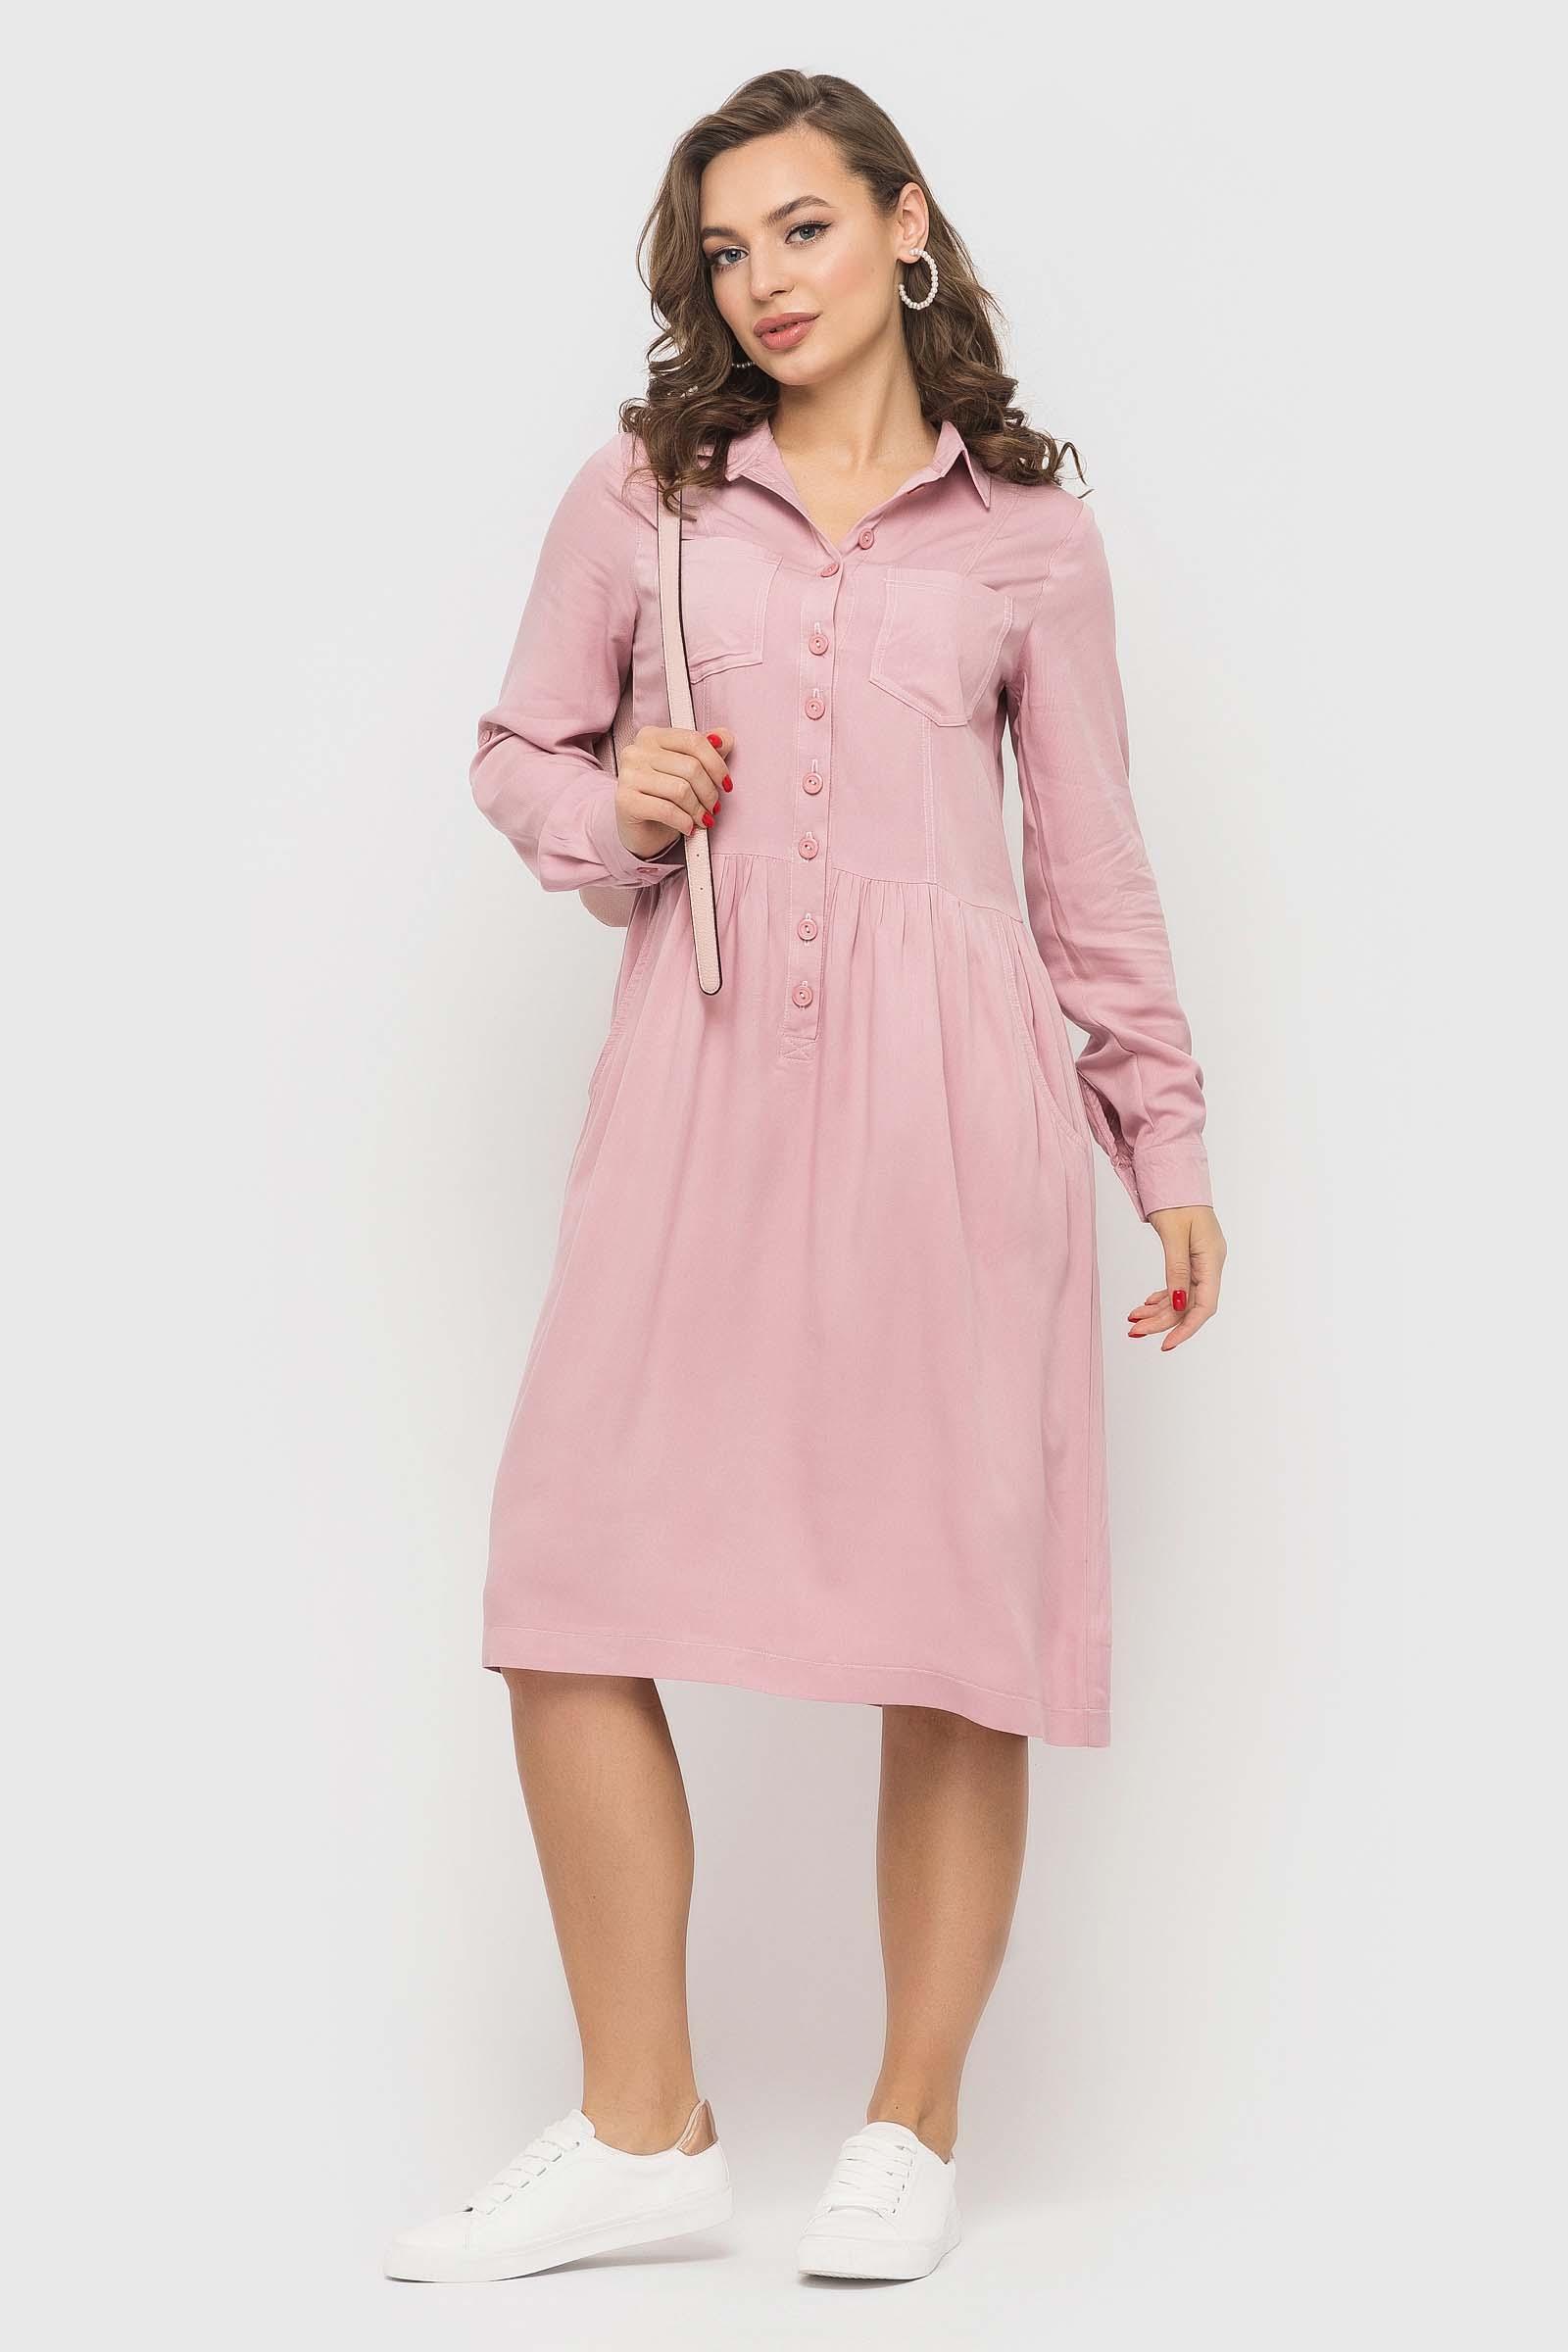 be art 2020 04 07181996 Купить платье